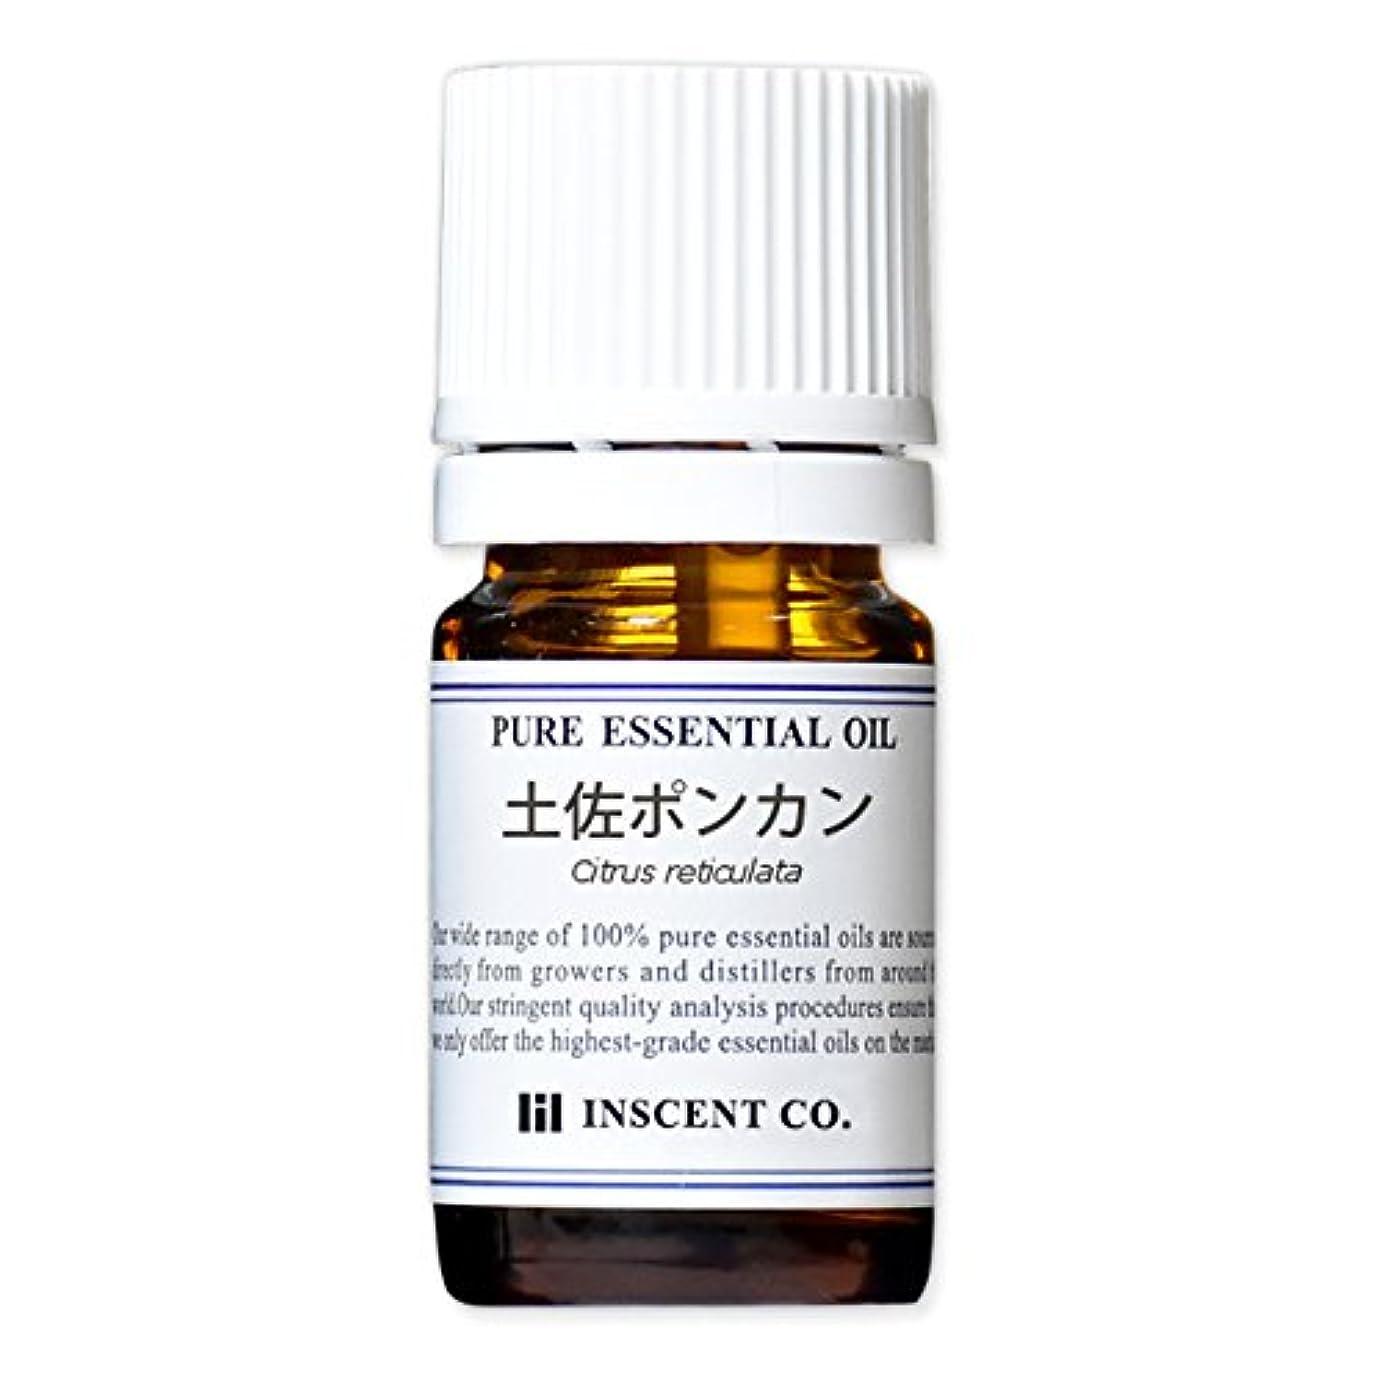 人生を作る常習的パニック土佐ポンカン 5ml インセント アロマオイル AEAJ 表示基準適合認定精油